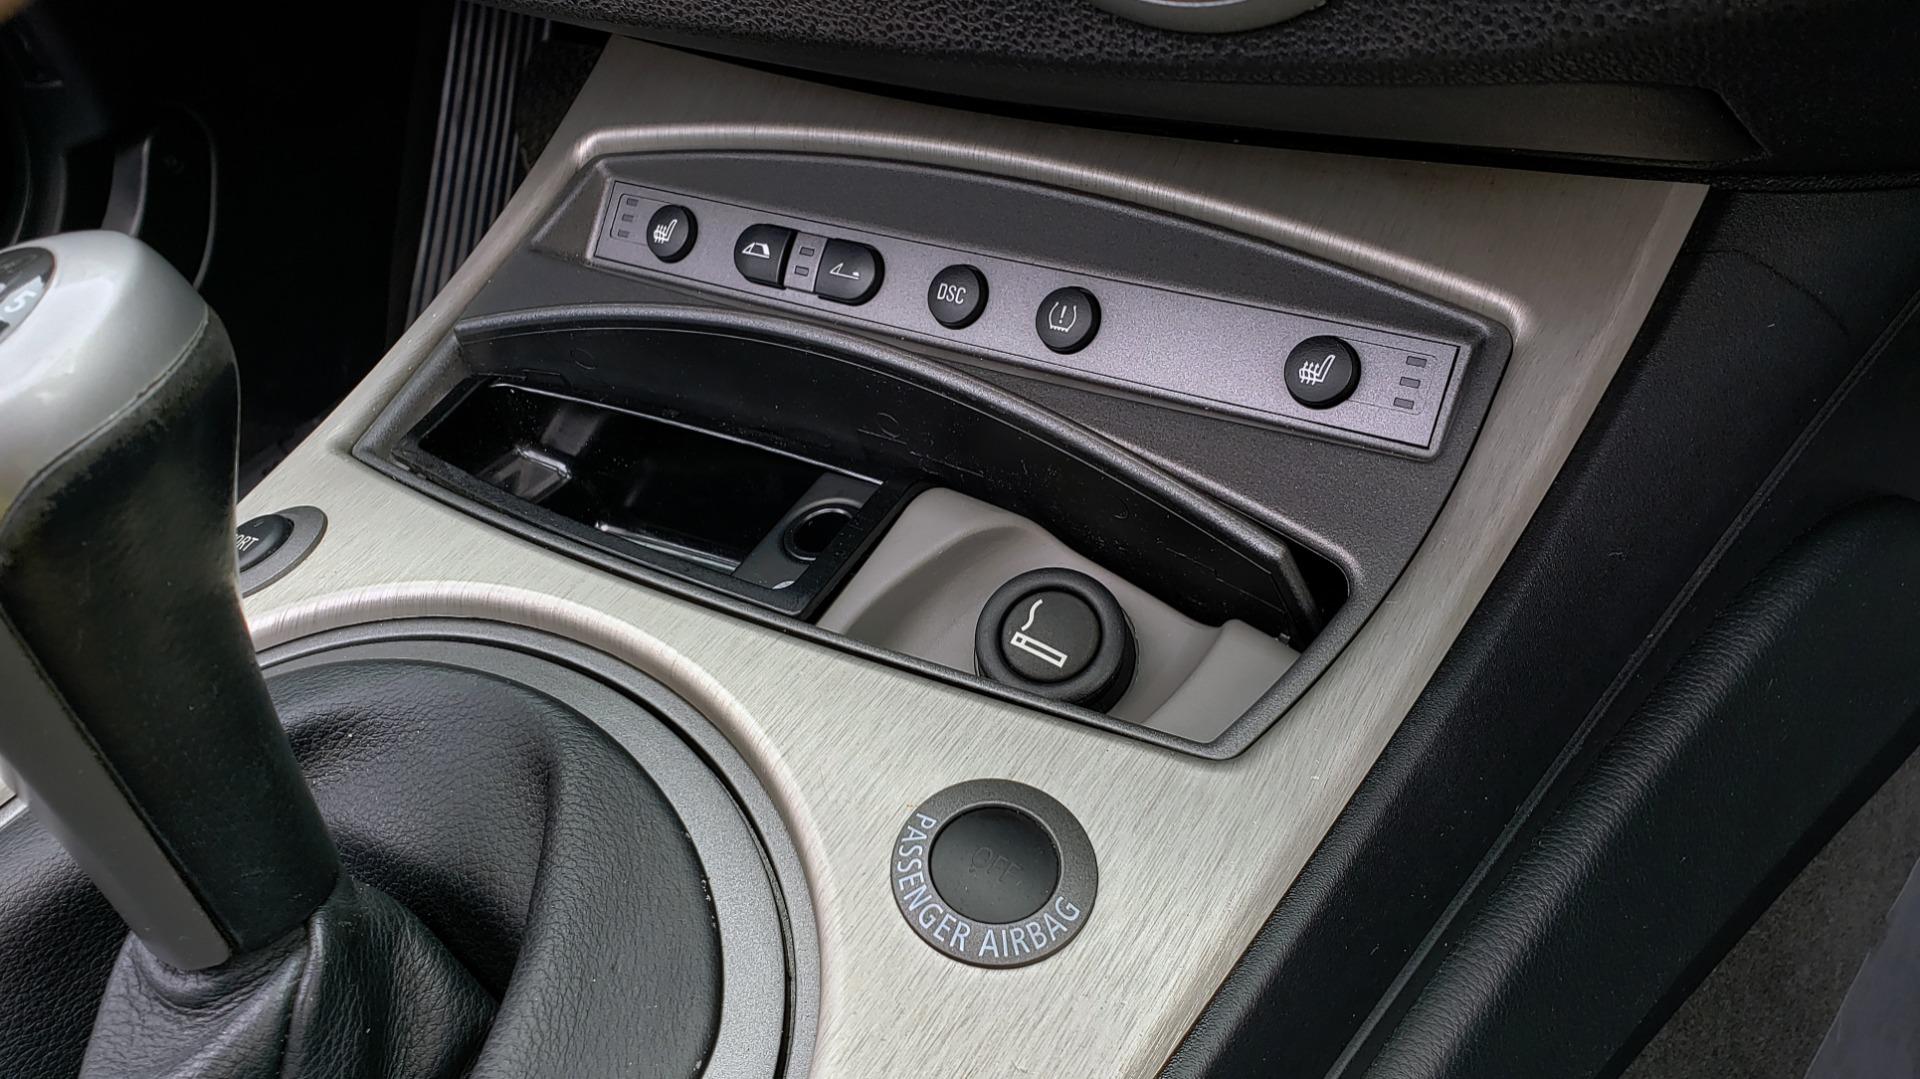 Used 2003 BMW Z4 3.0i ROADSTER / 6-SPD MAN / PREMIUM PKG / SPORT PKG / HTD STS for sale Sold at Formula Imports in Charlotte NC 28227 55